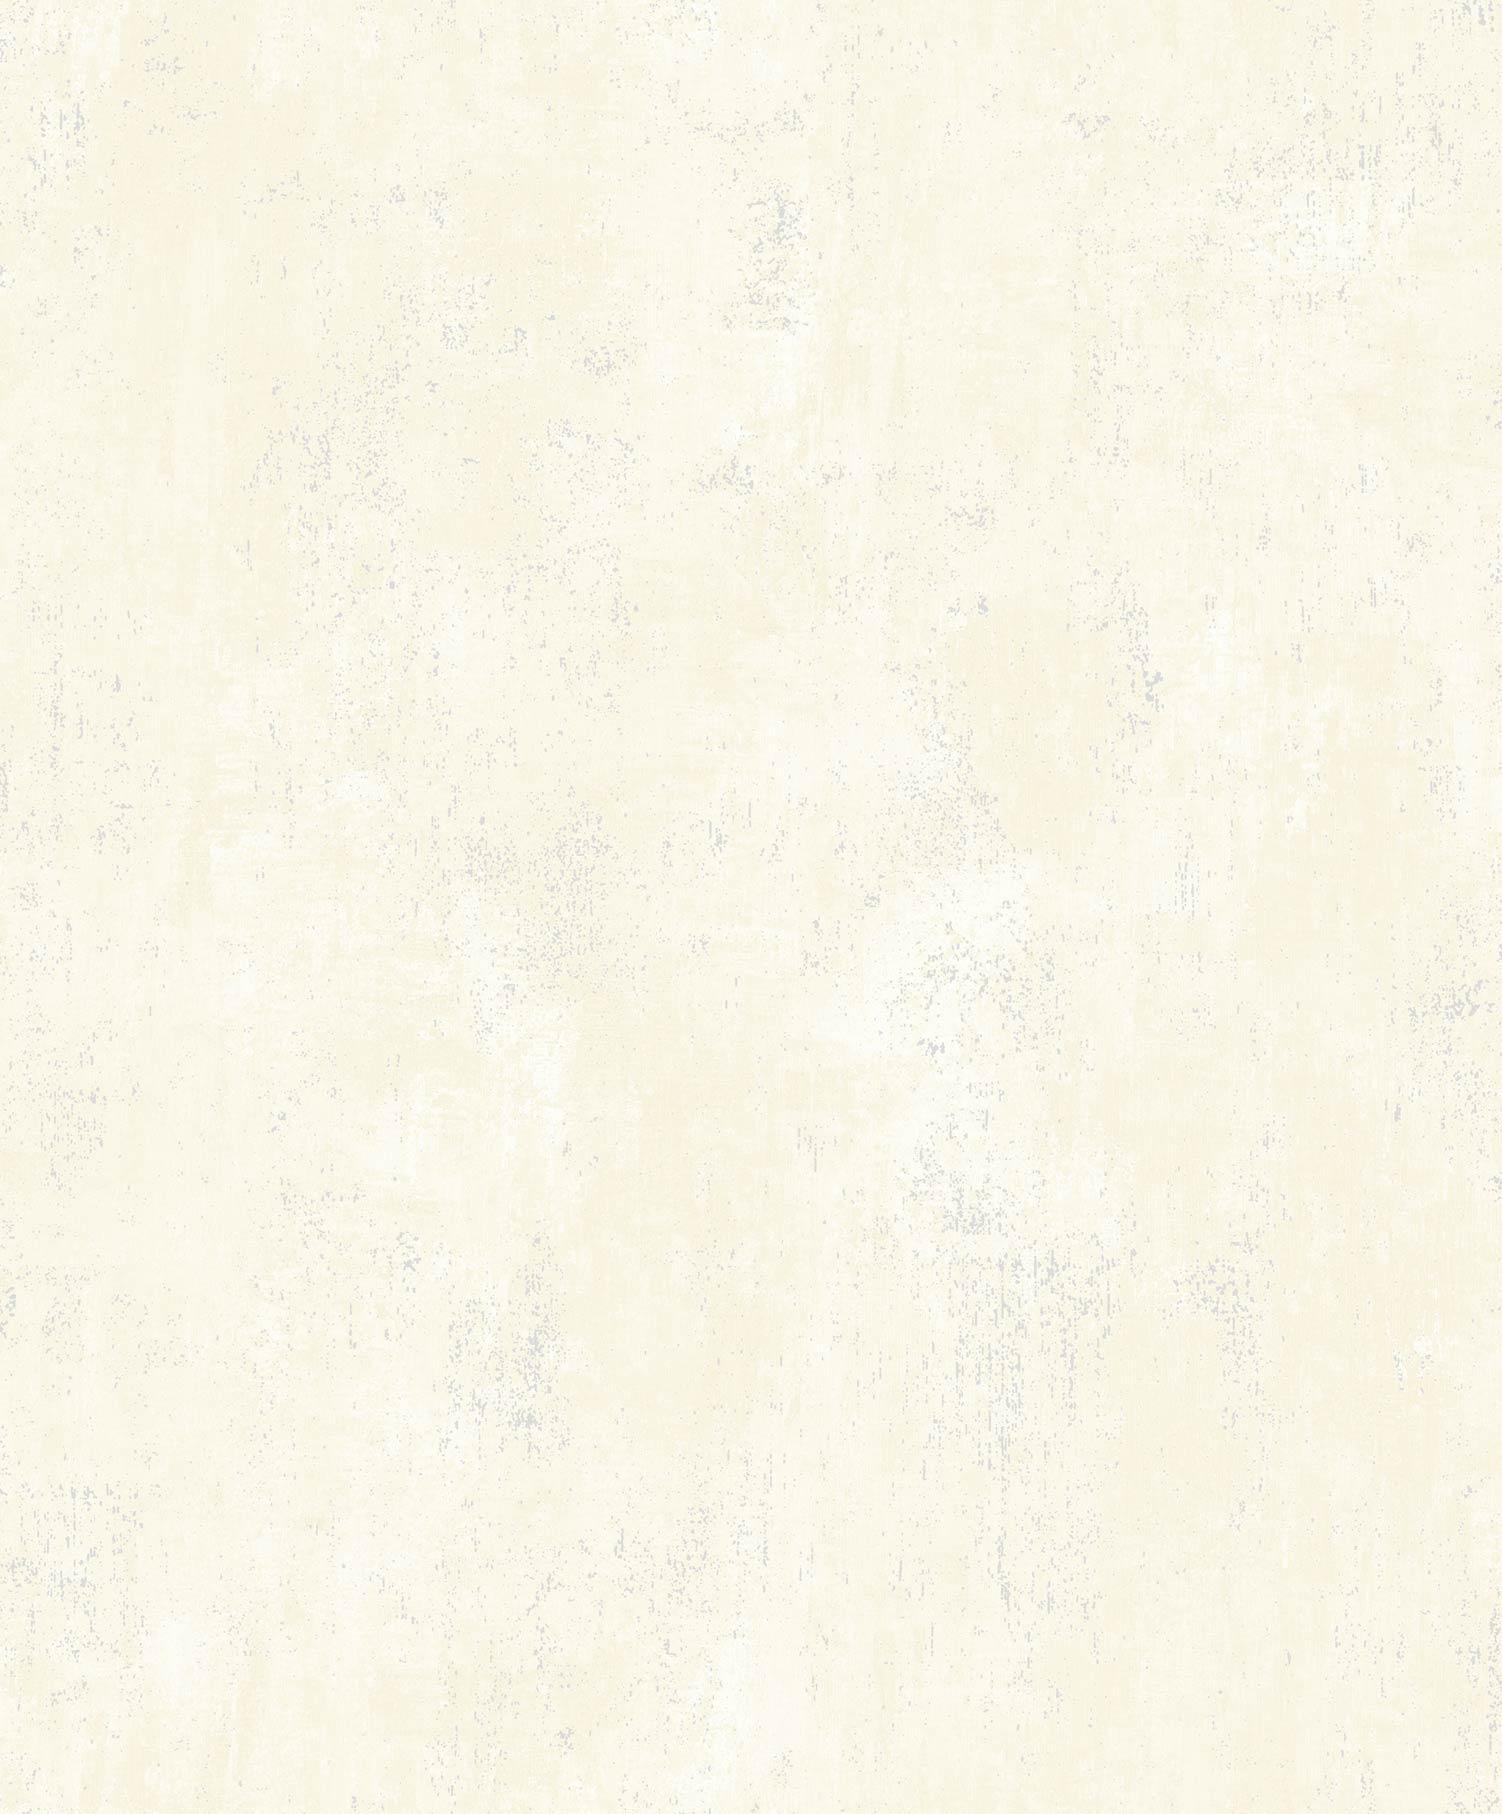 Обои Ugepa Couleurs j74300 (Угепа)